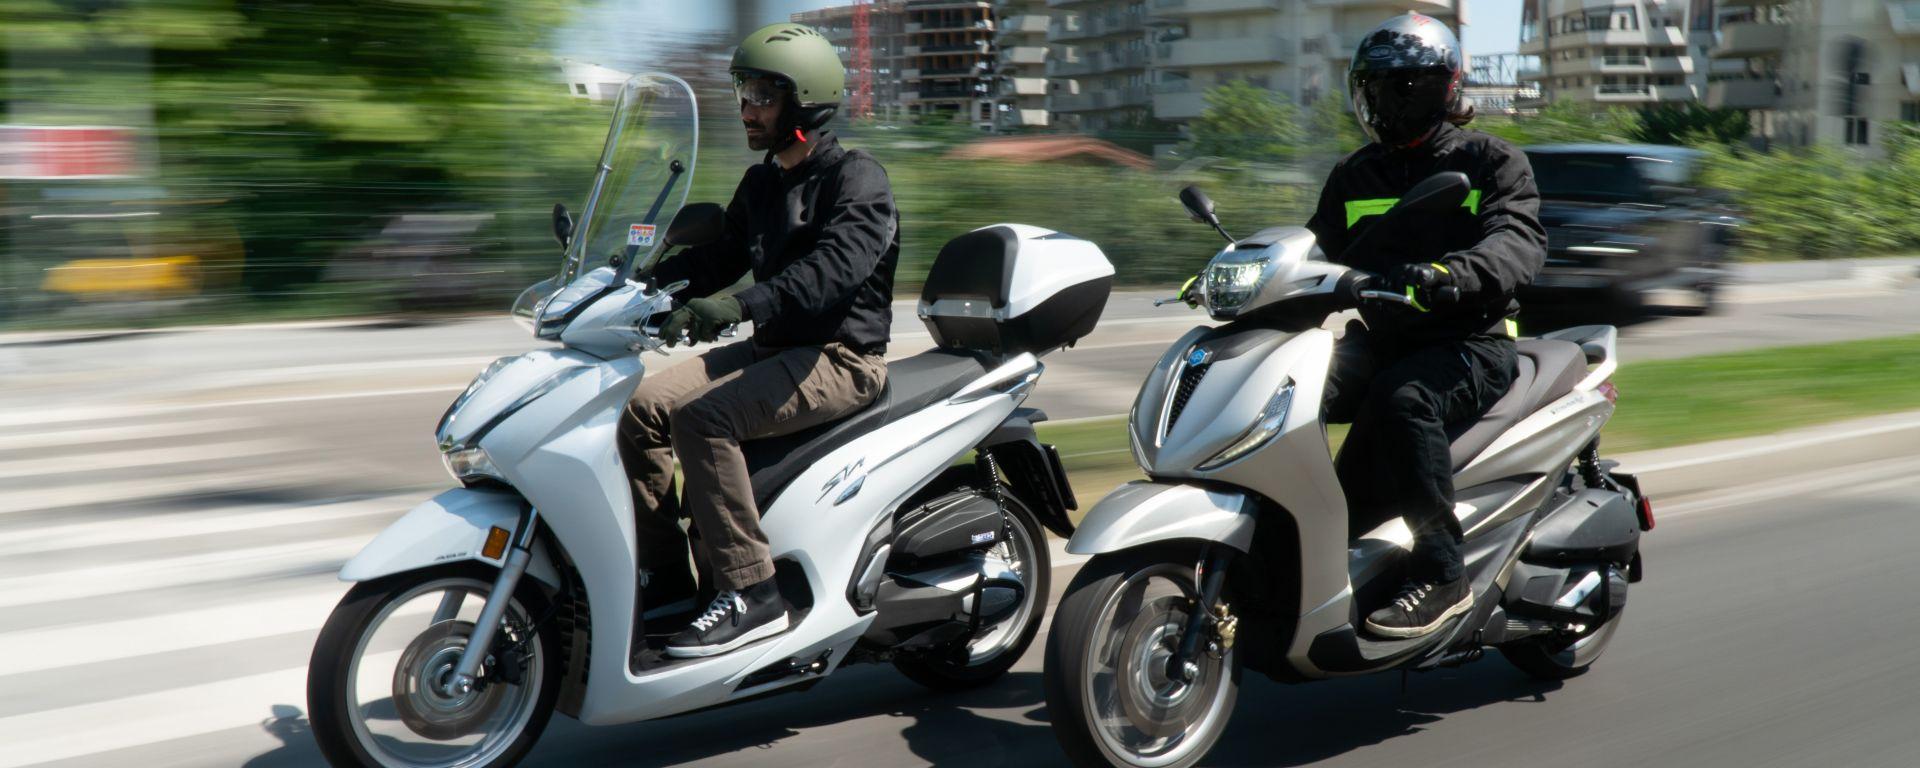 Honda vs Piaggio: chi è il Re della città tra SH350i e Beverly 300?